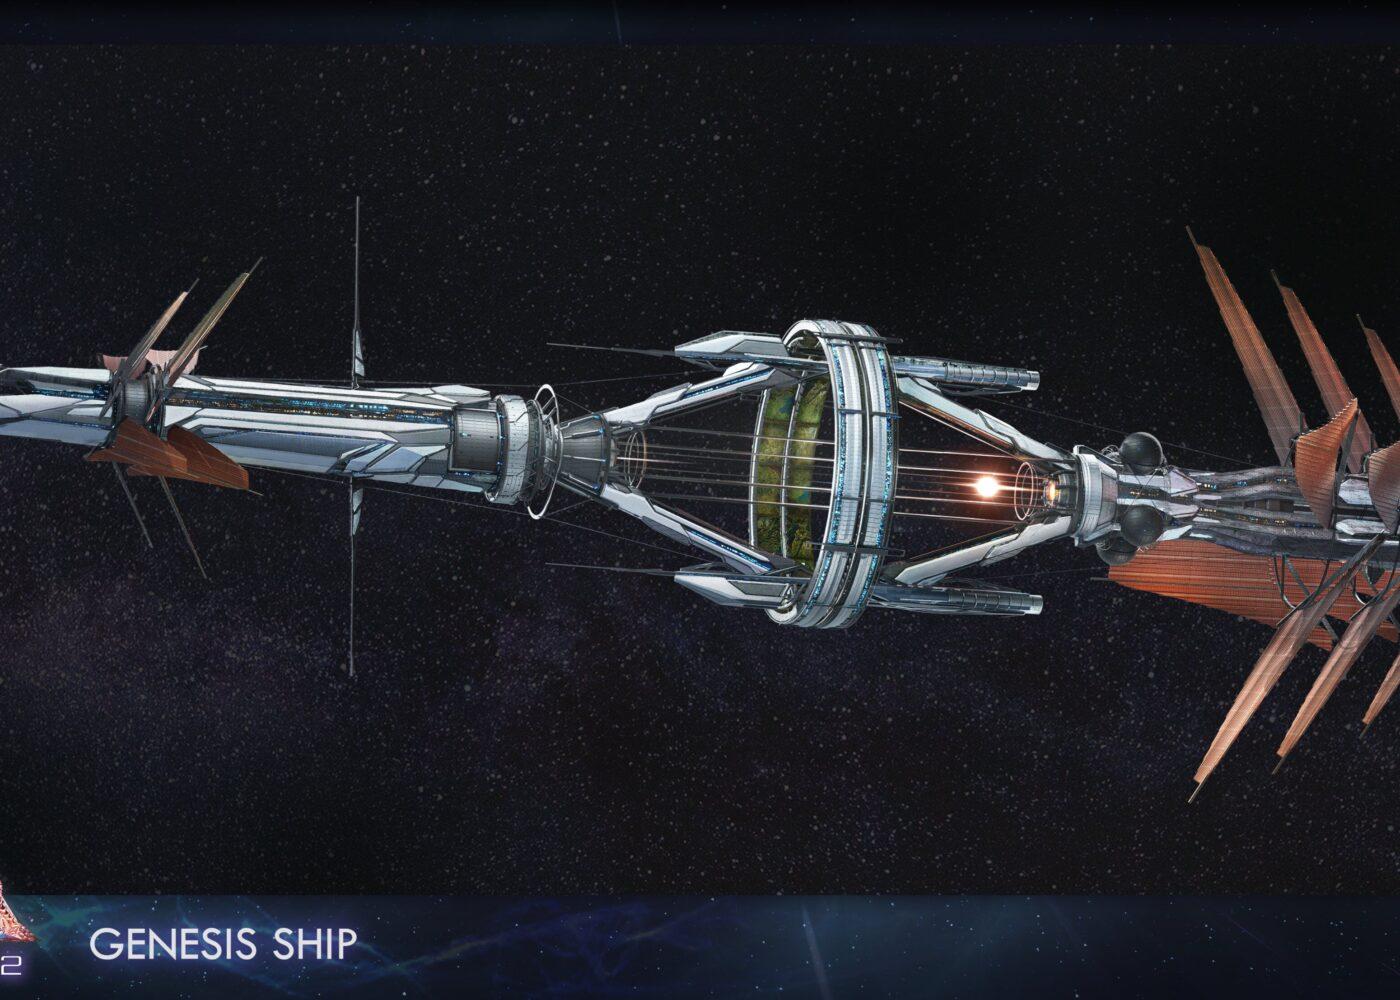 Genesis Ship